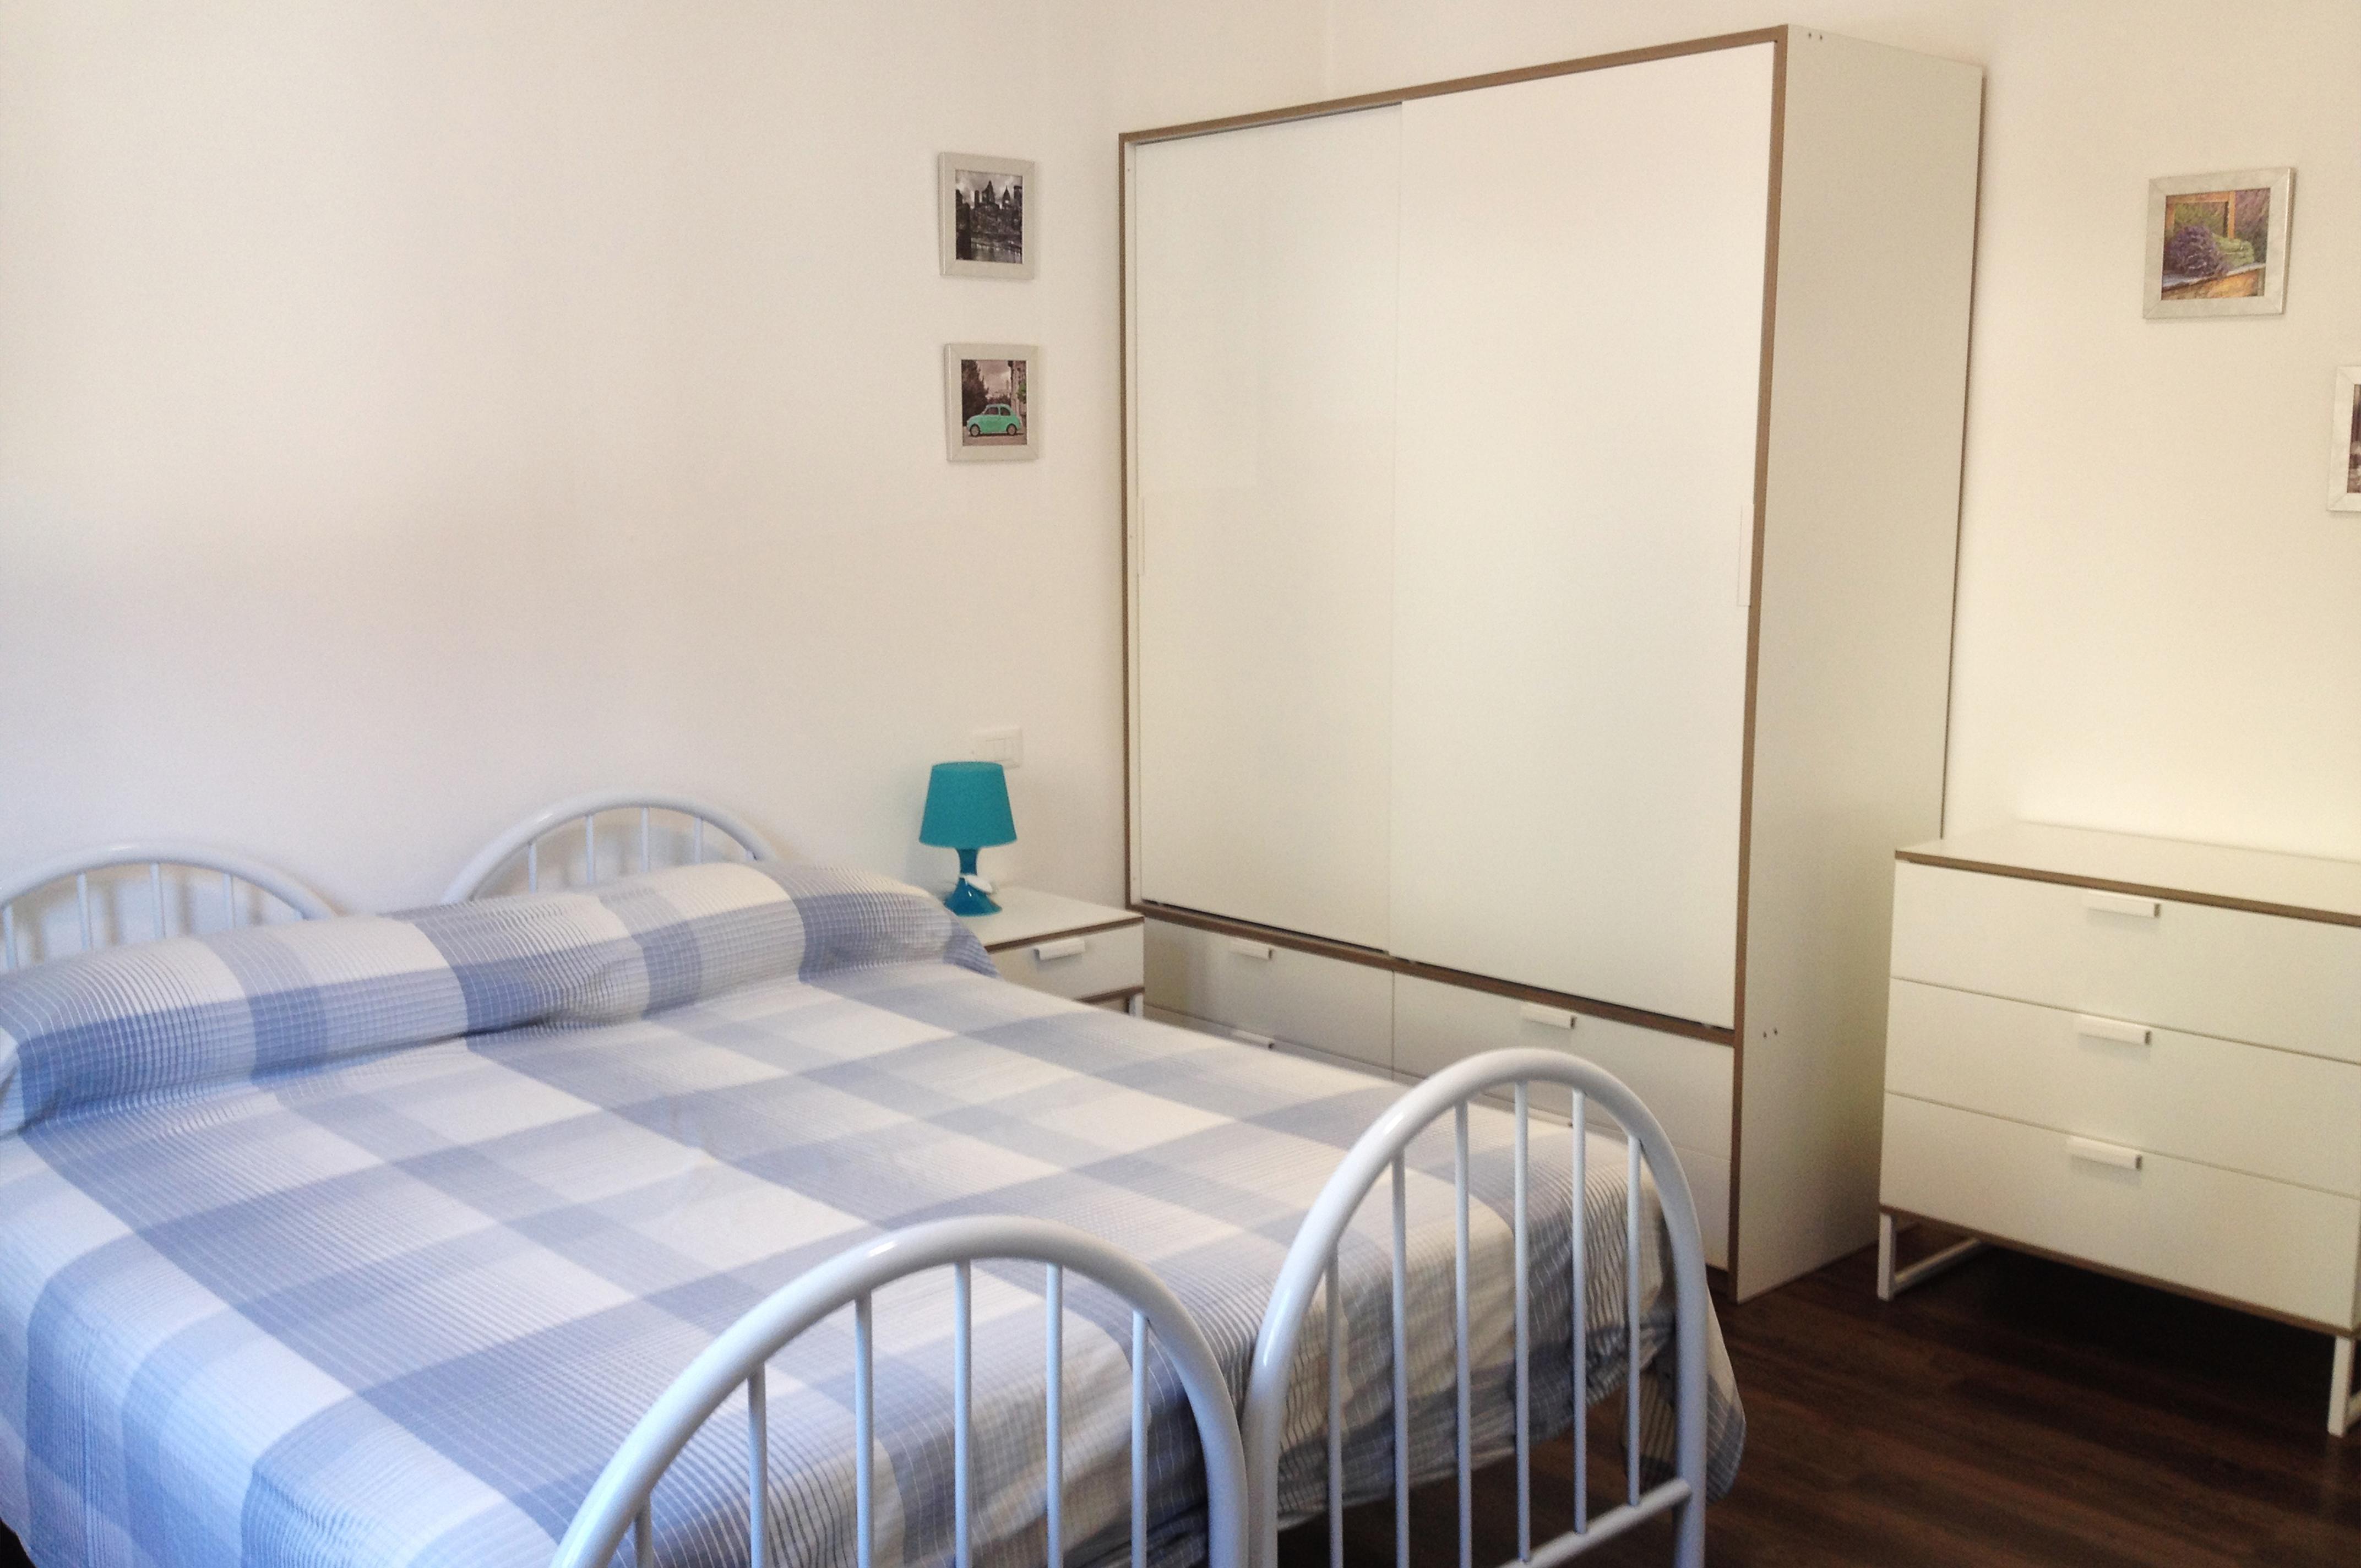 Treviso - Camere in Affitto - Santa Maria Rovere - Studio Architettura Zanatta 02